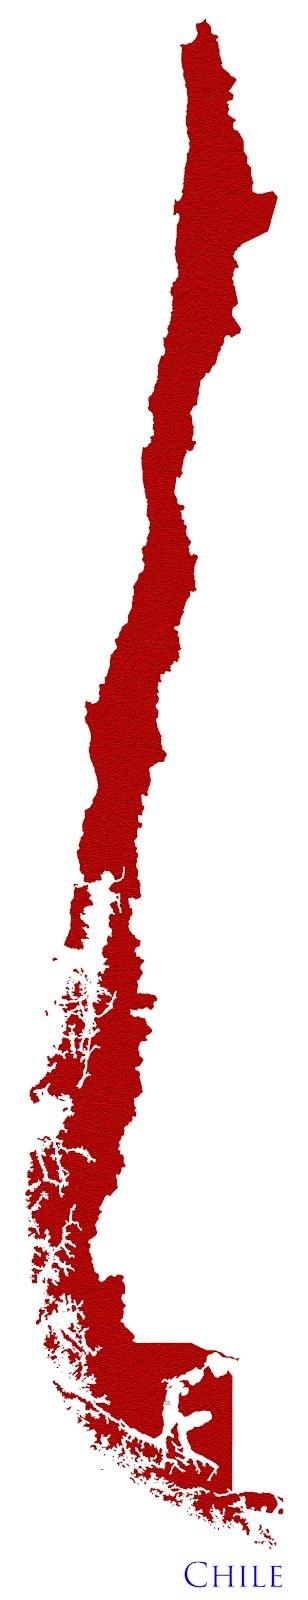 #Chile : Un país que luce muy bien en Pinterest #Buscarethos